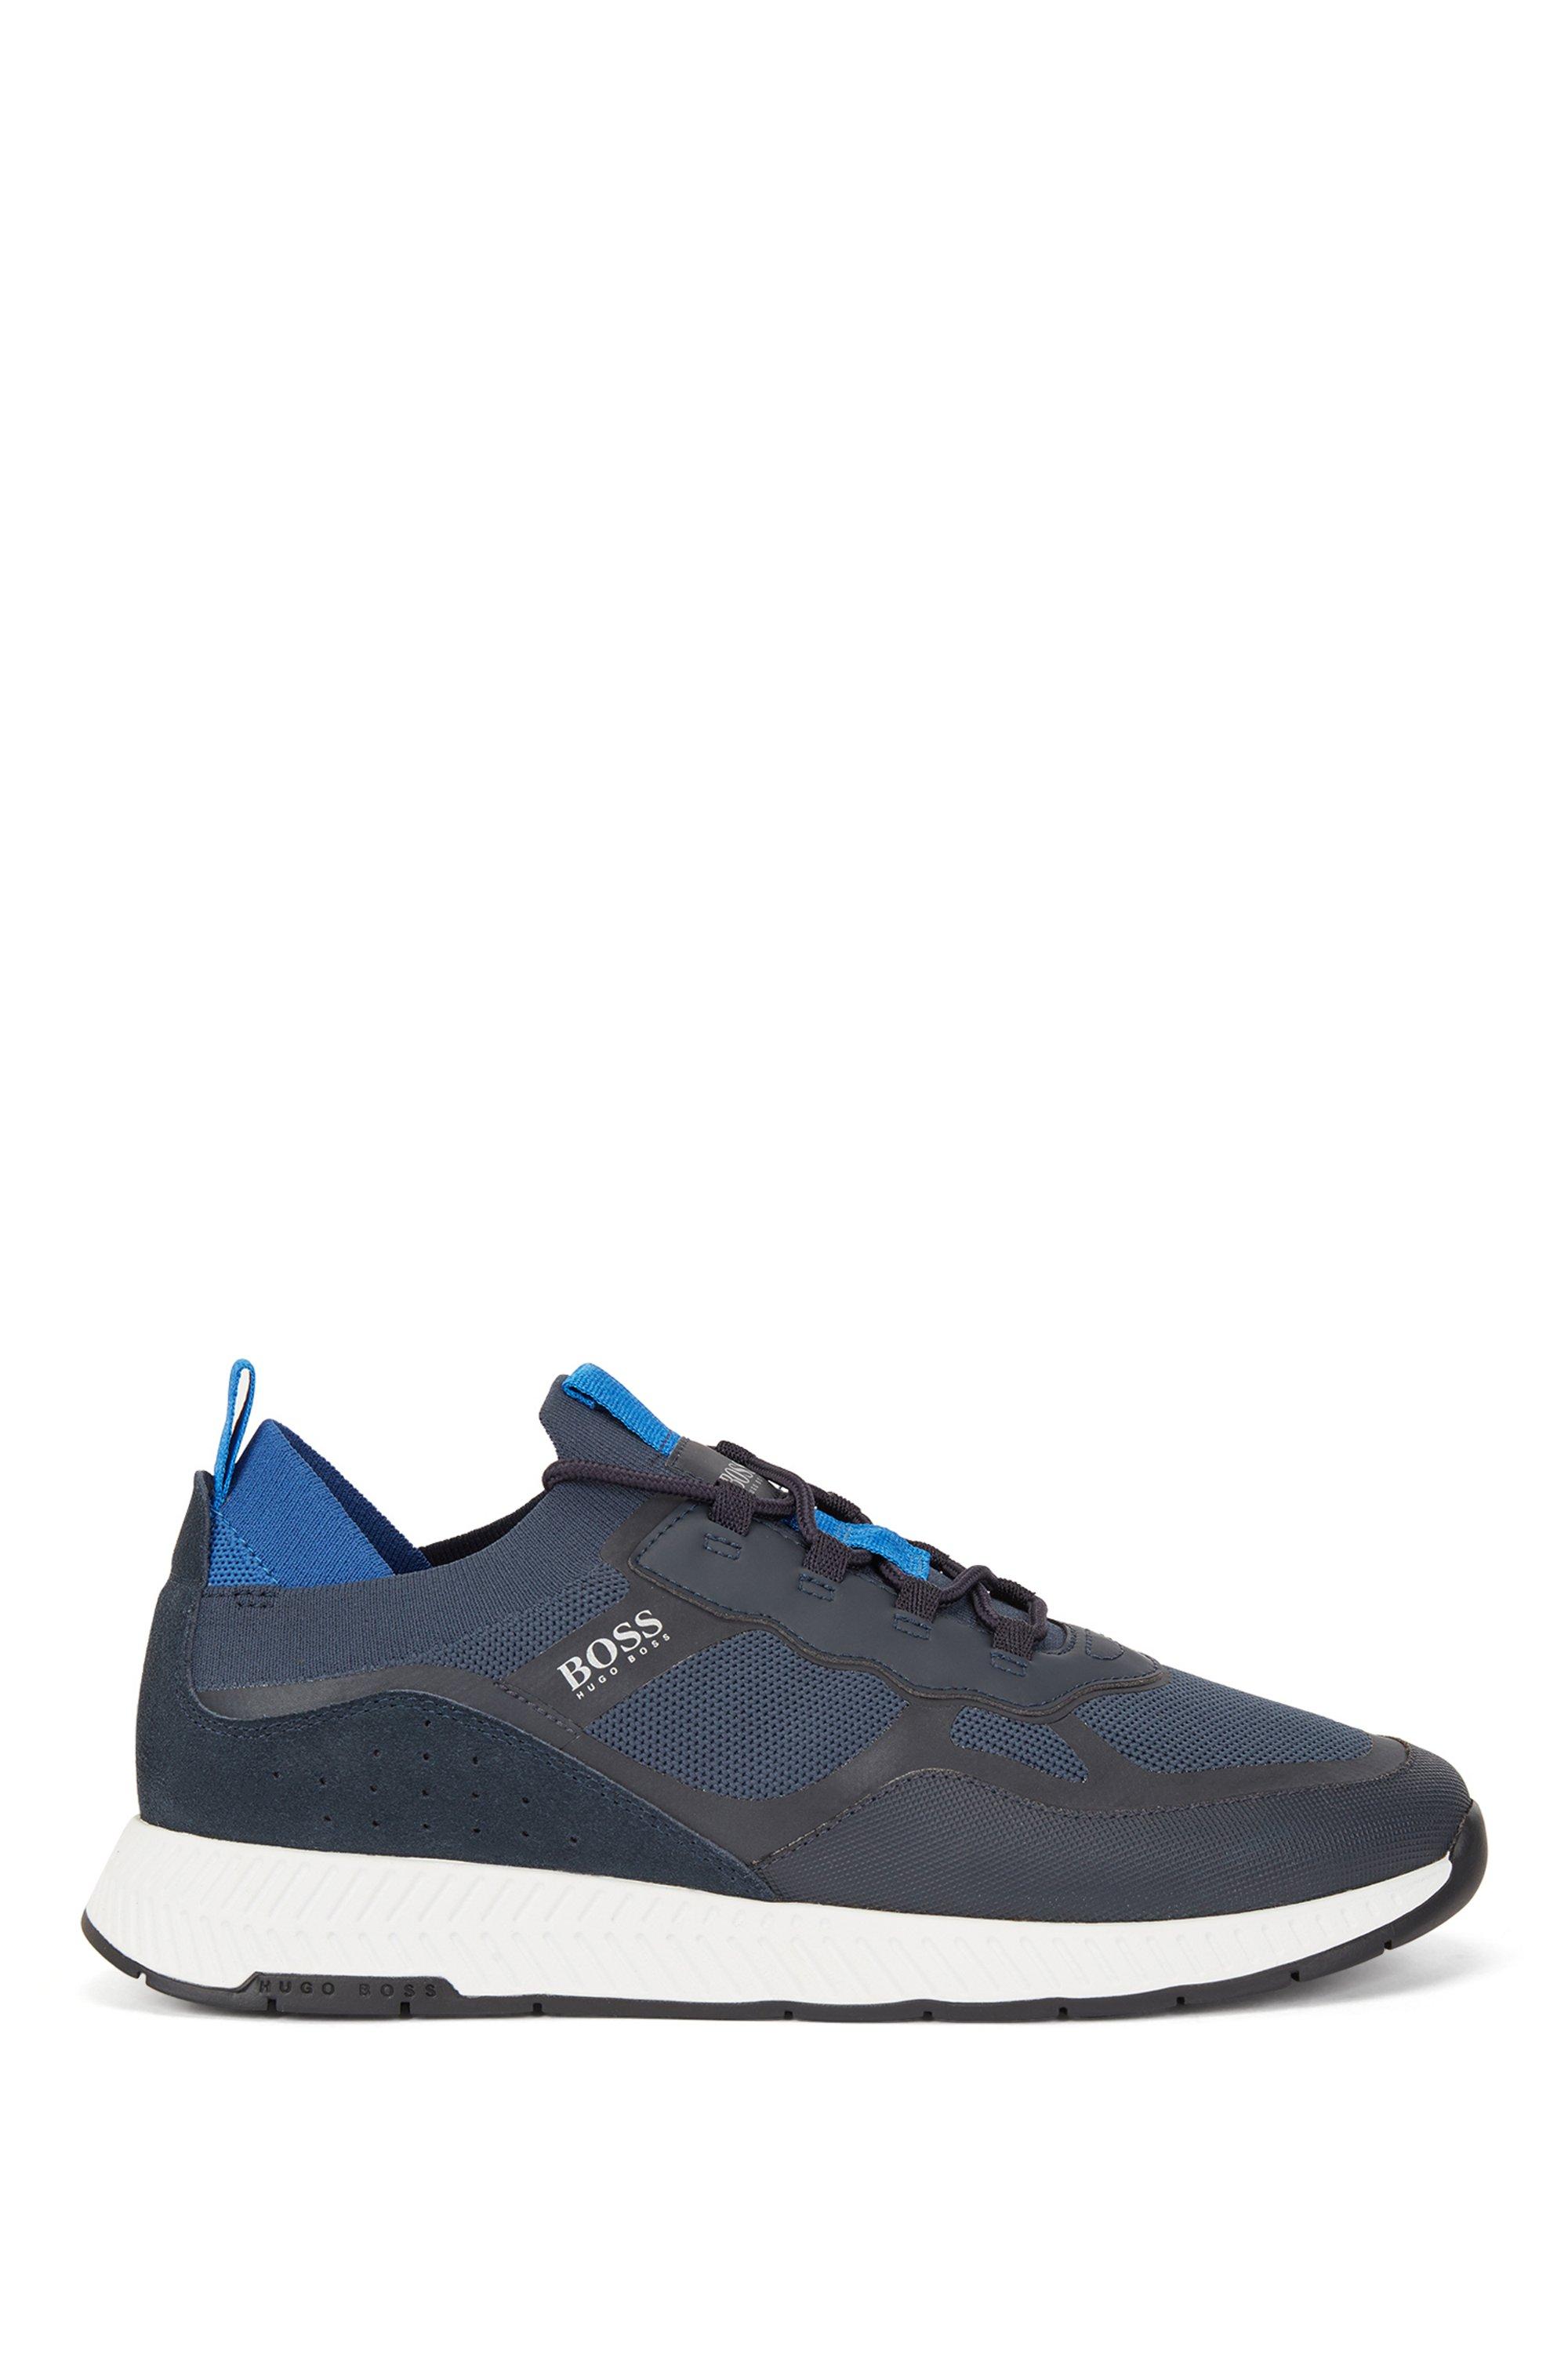 Sock sneakers con tomaia REPREVE® e dettagli termosaldati, Blu scuro